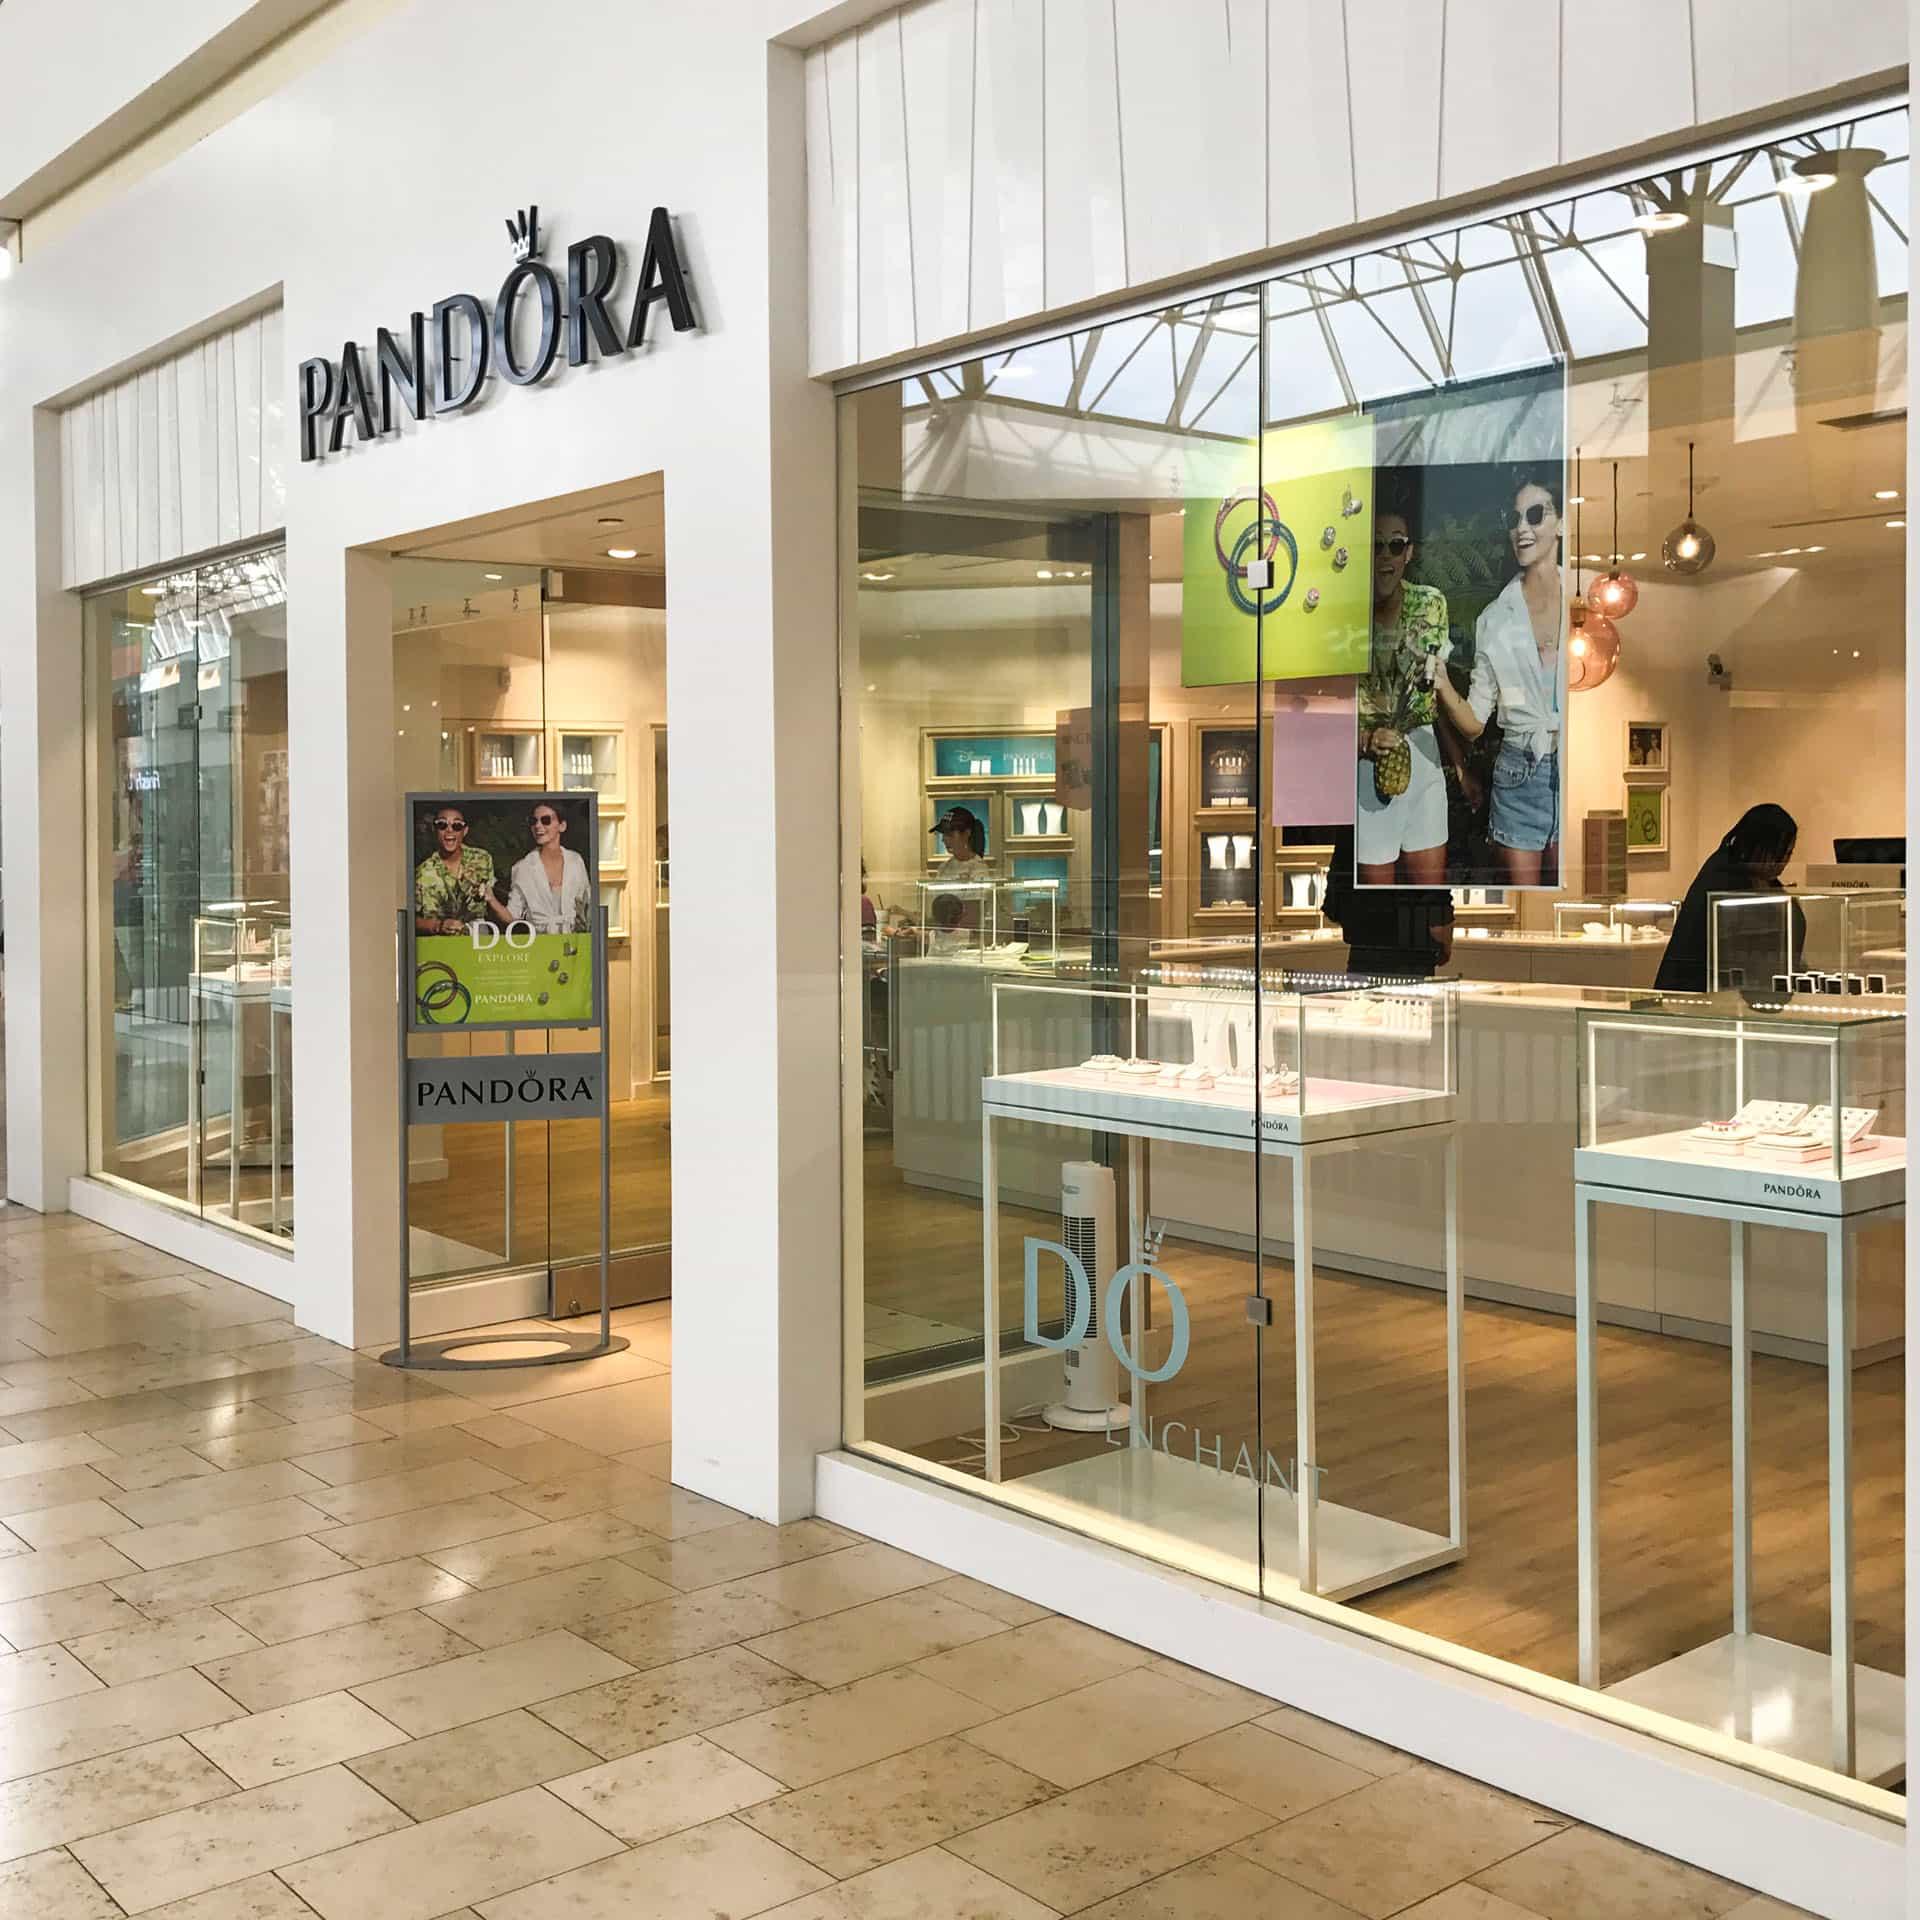 Pandora-Photo Jun 01, 1 16 32 PM